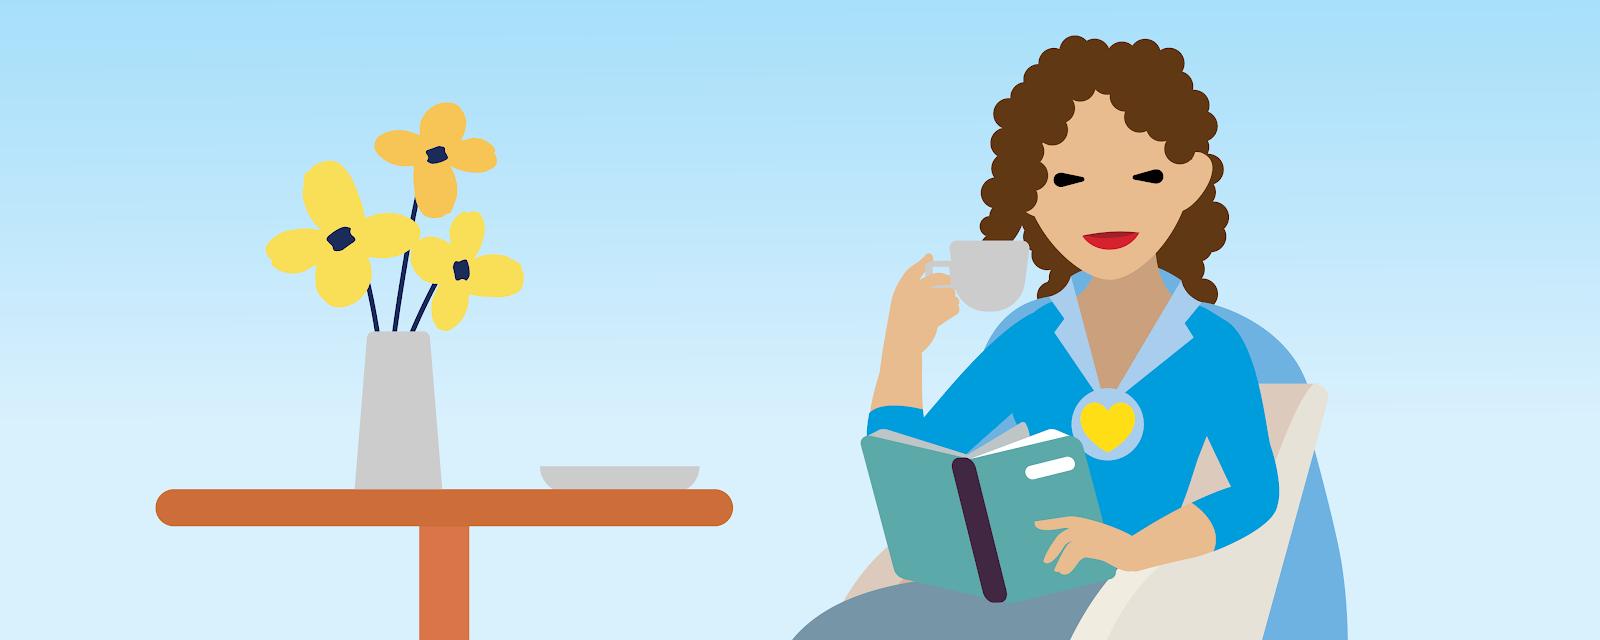 Ilustração de uma mulher sentada em uma cadeira enquanto aprecia um café e lê seu livro.